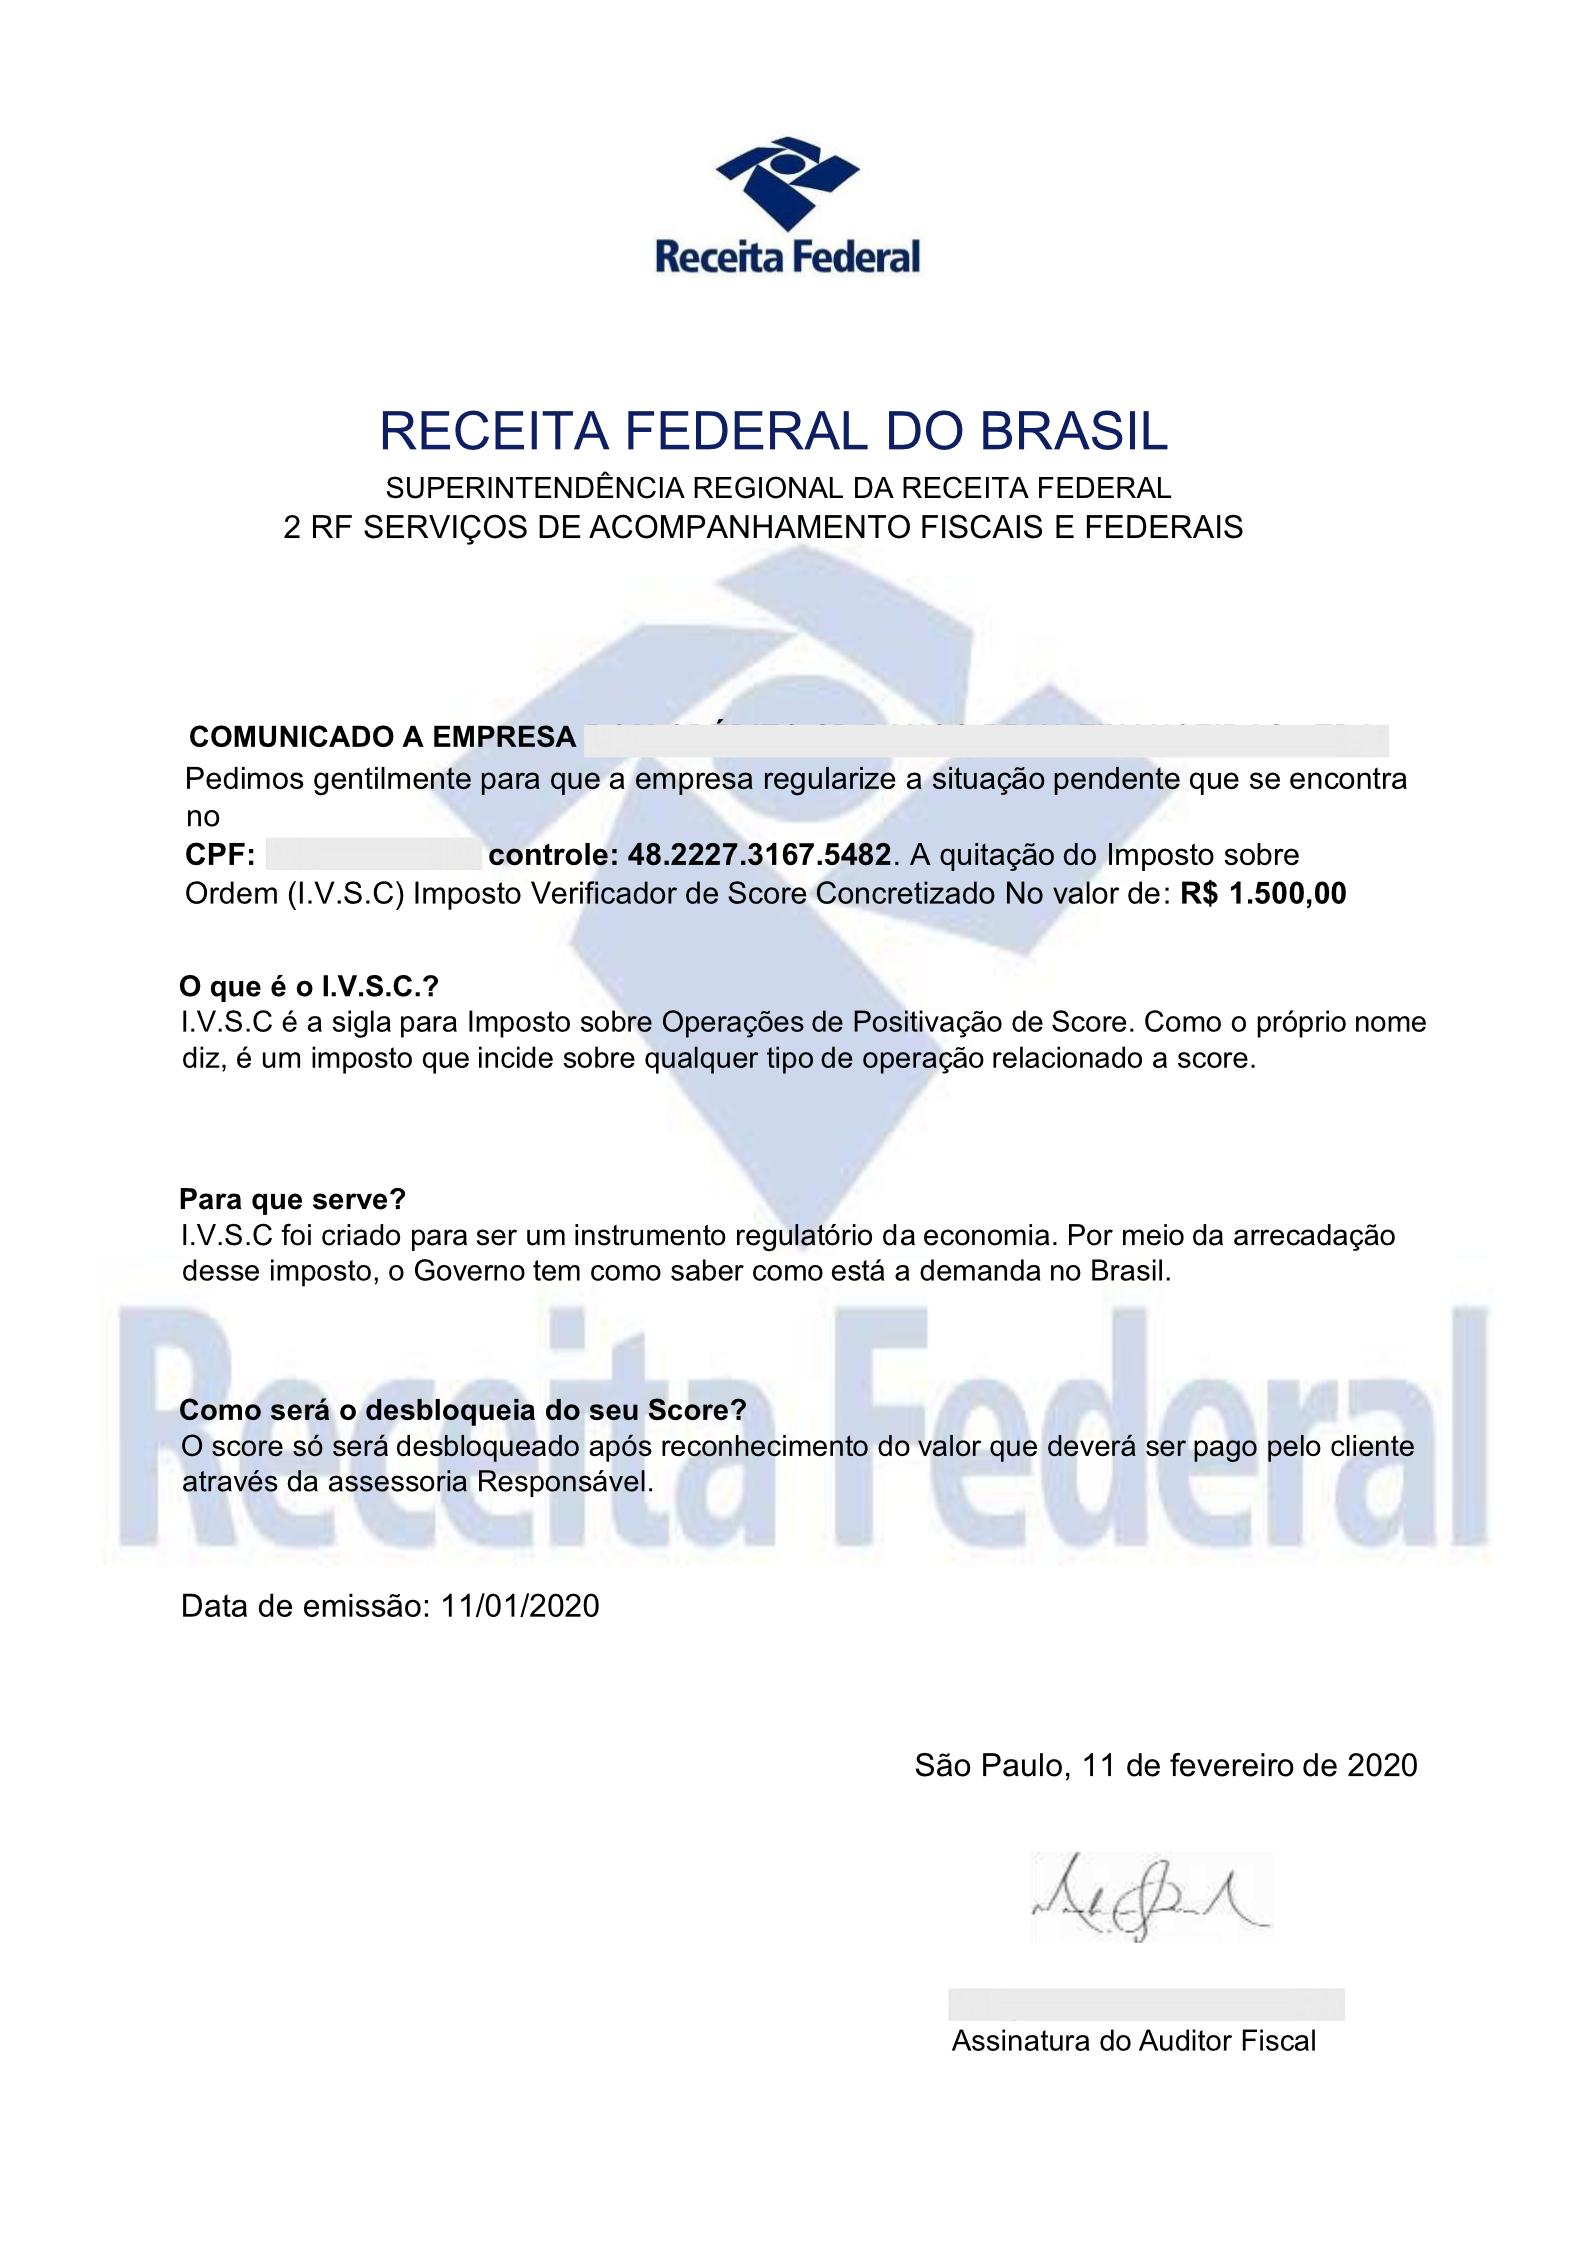 Receita Federal alerta para falsa correspondência que oferece regularização mediante pagamento de suposto tributo